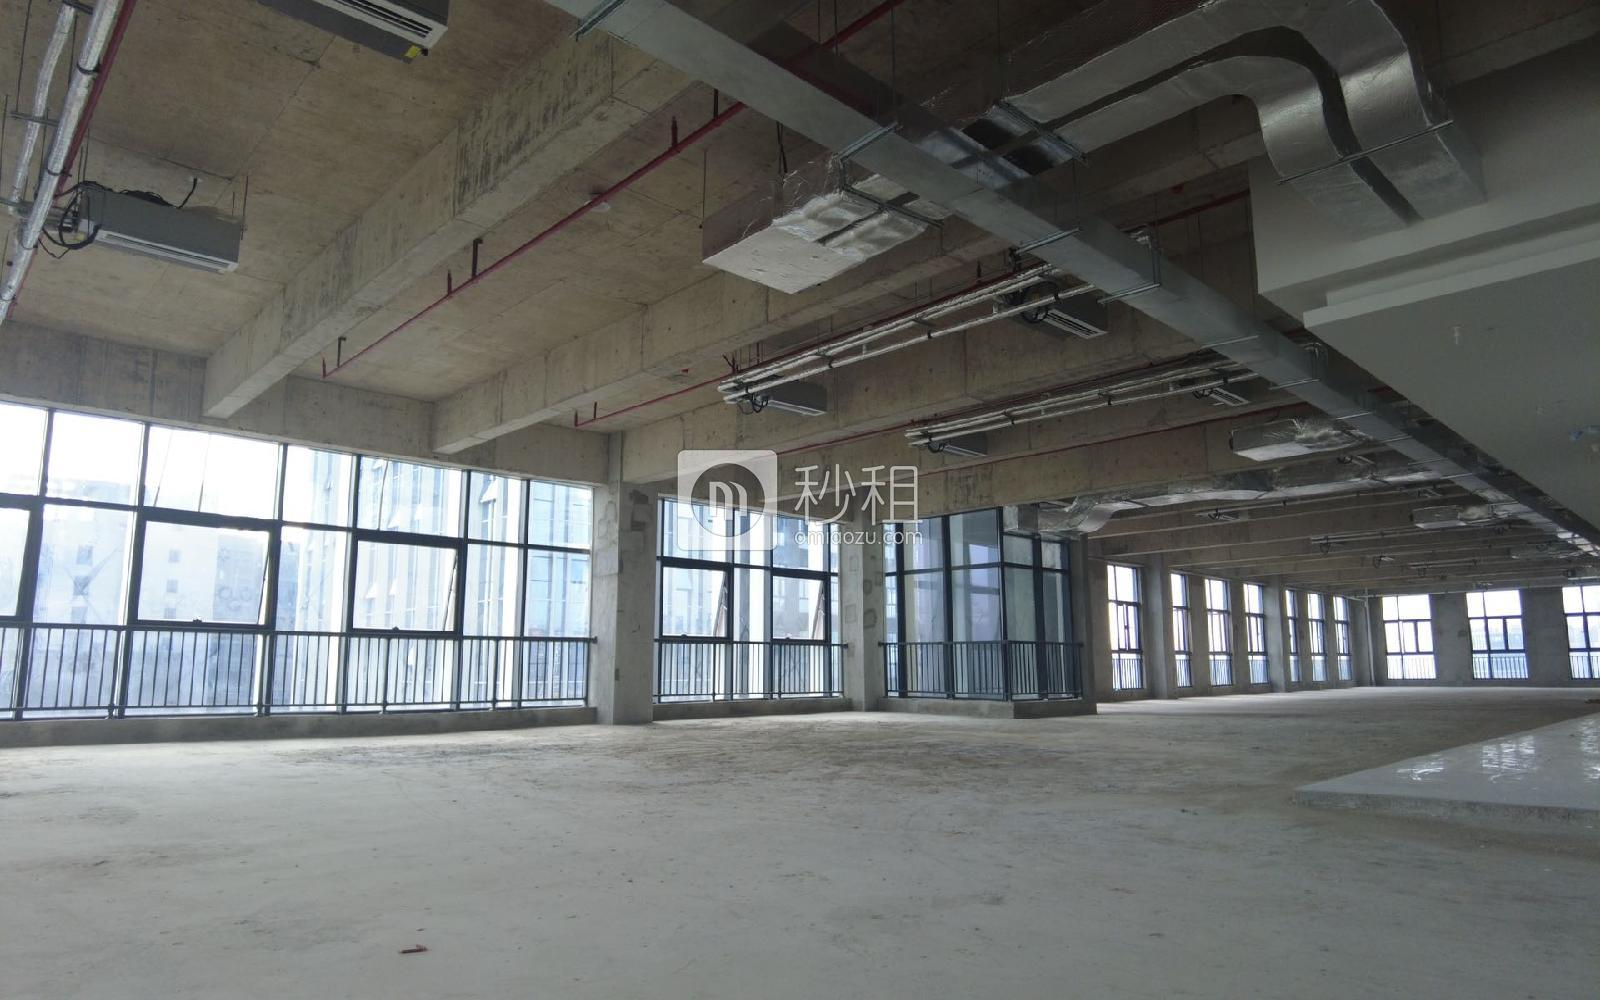 光明-光明 永联智鼎大厦-招商局智慧城 2145m²